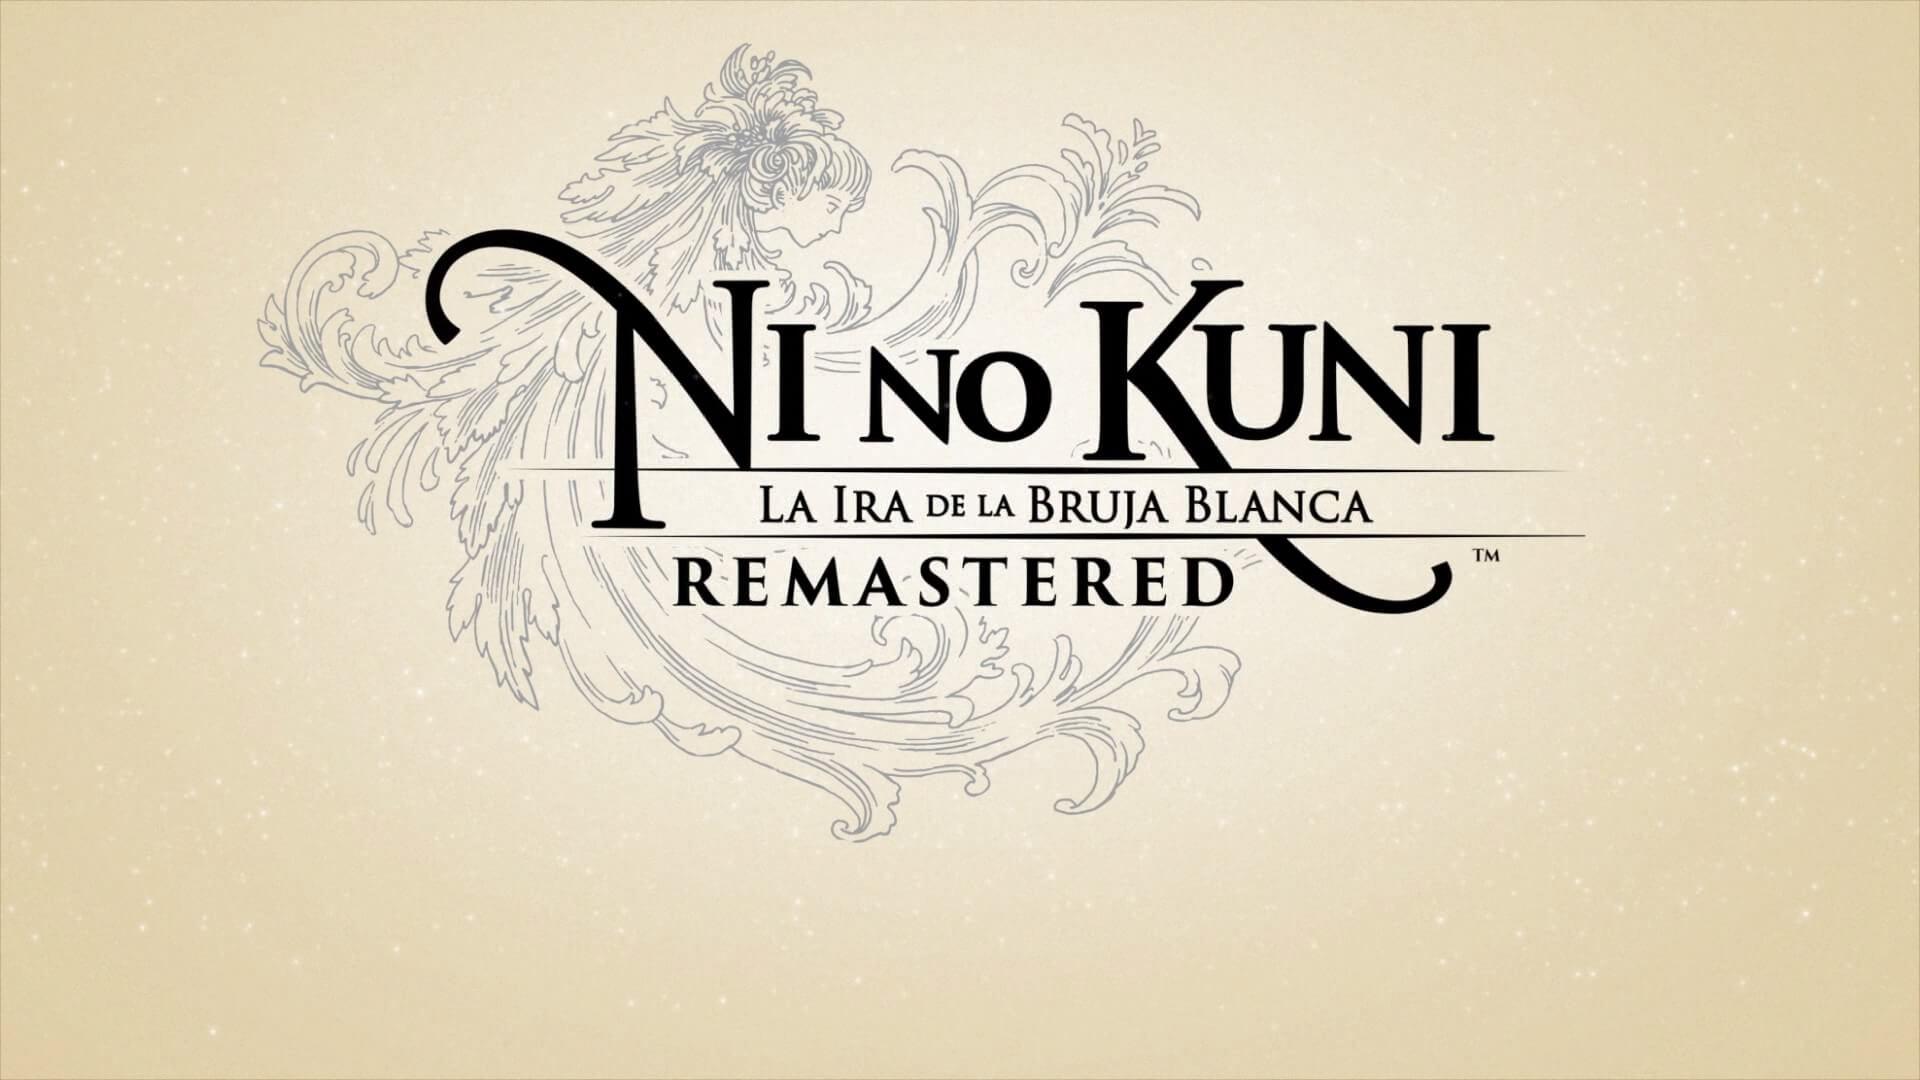 Portada Ni no Kuni: La Ira de la Bruja Blanca Remastered